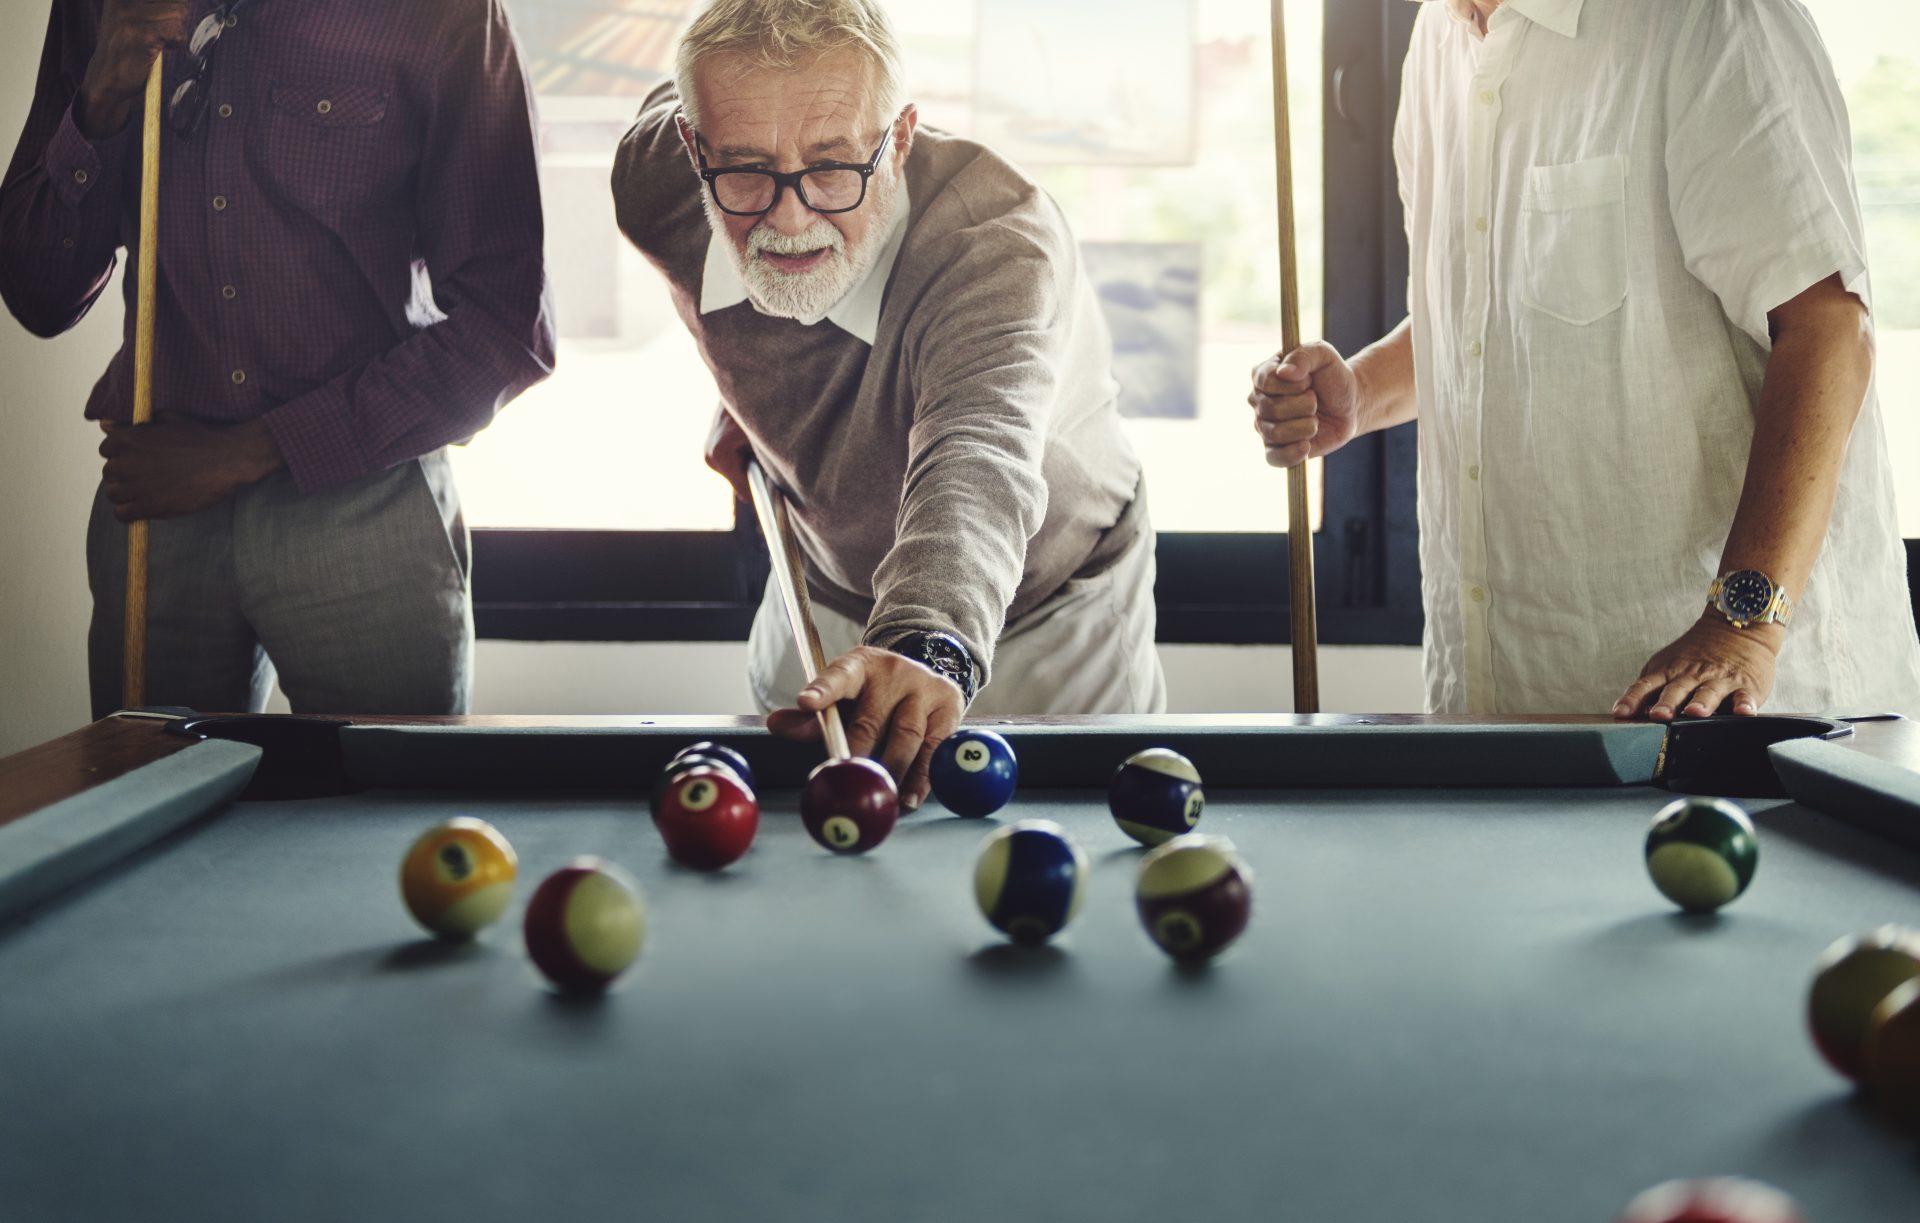 Seniors Playing Pool